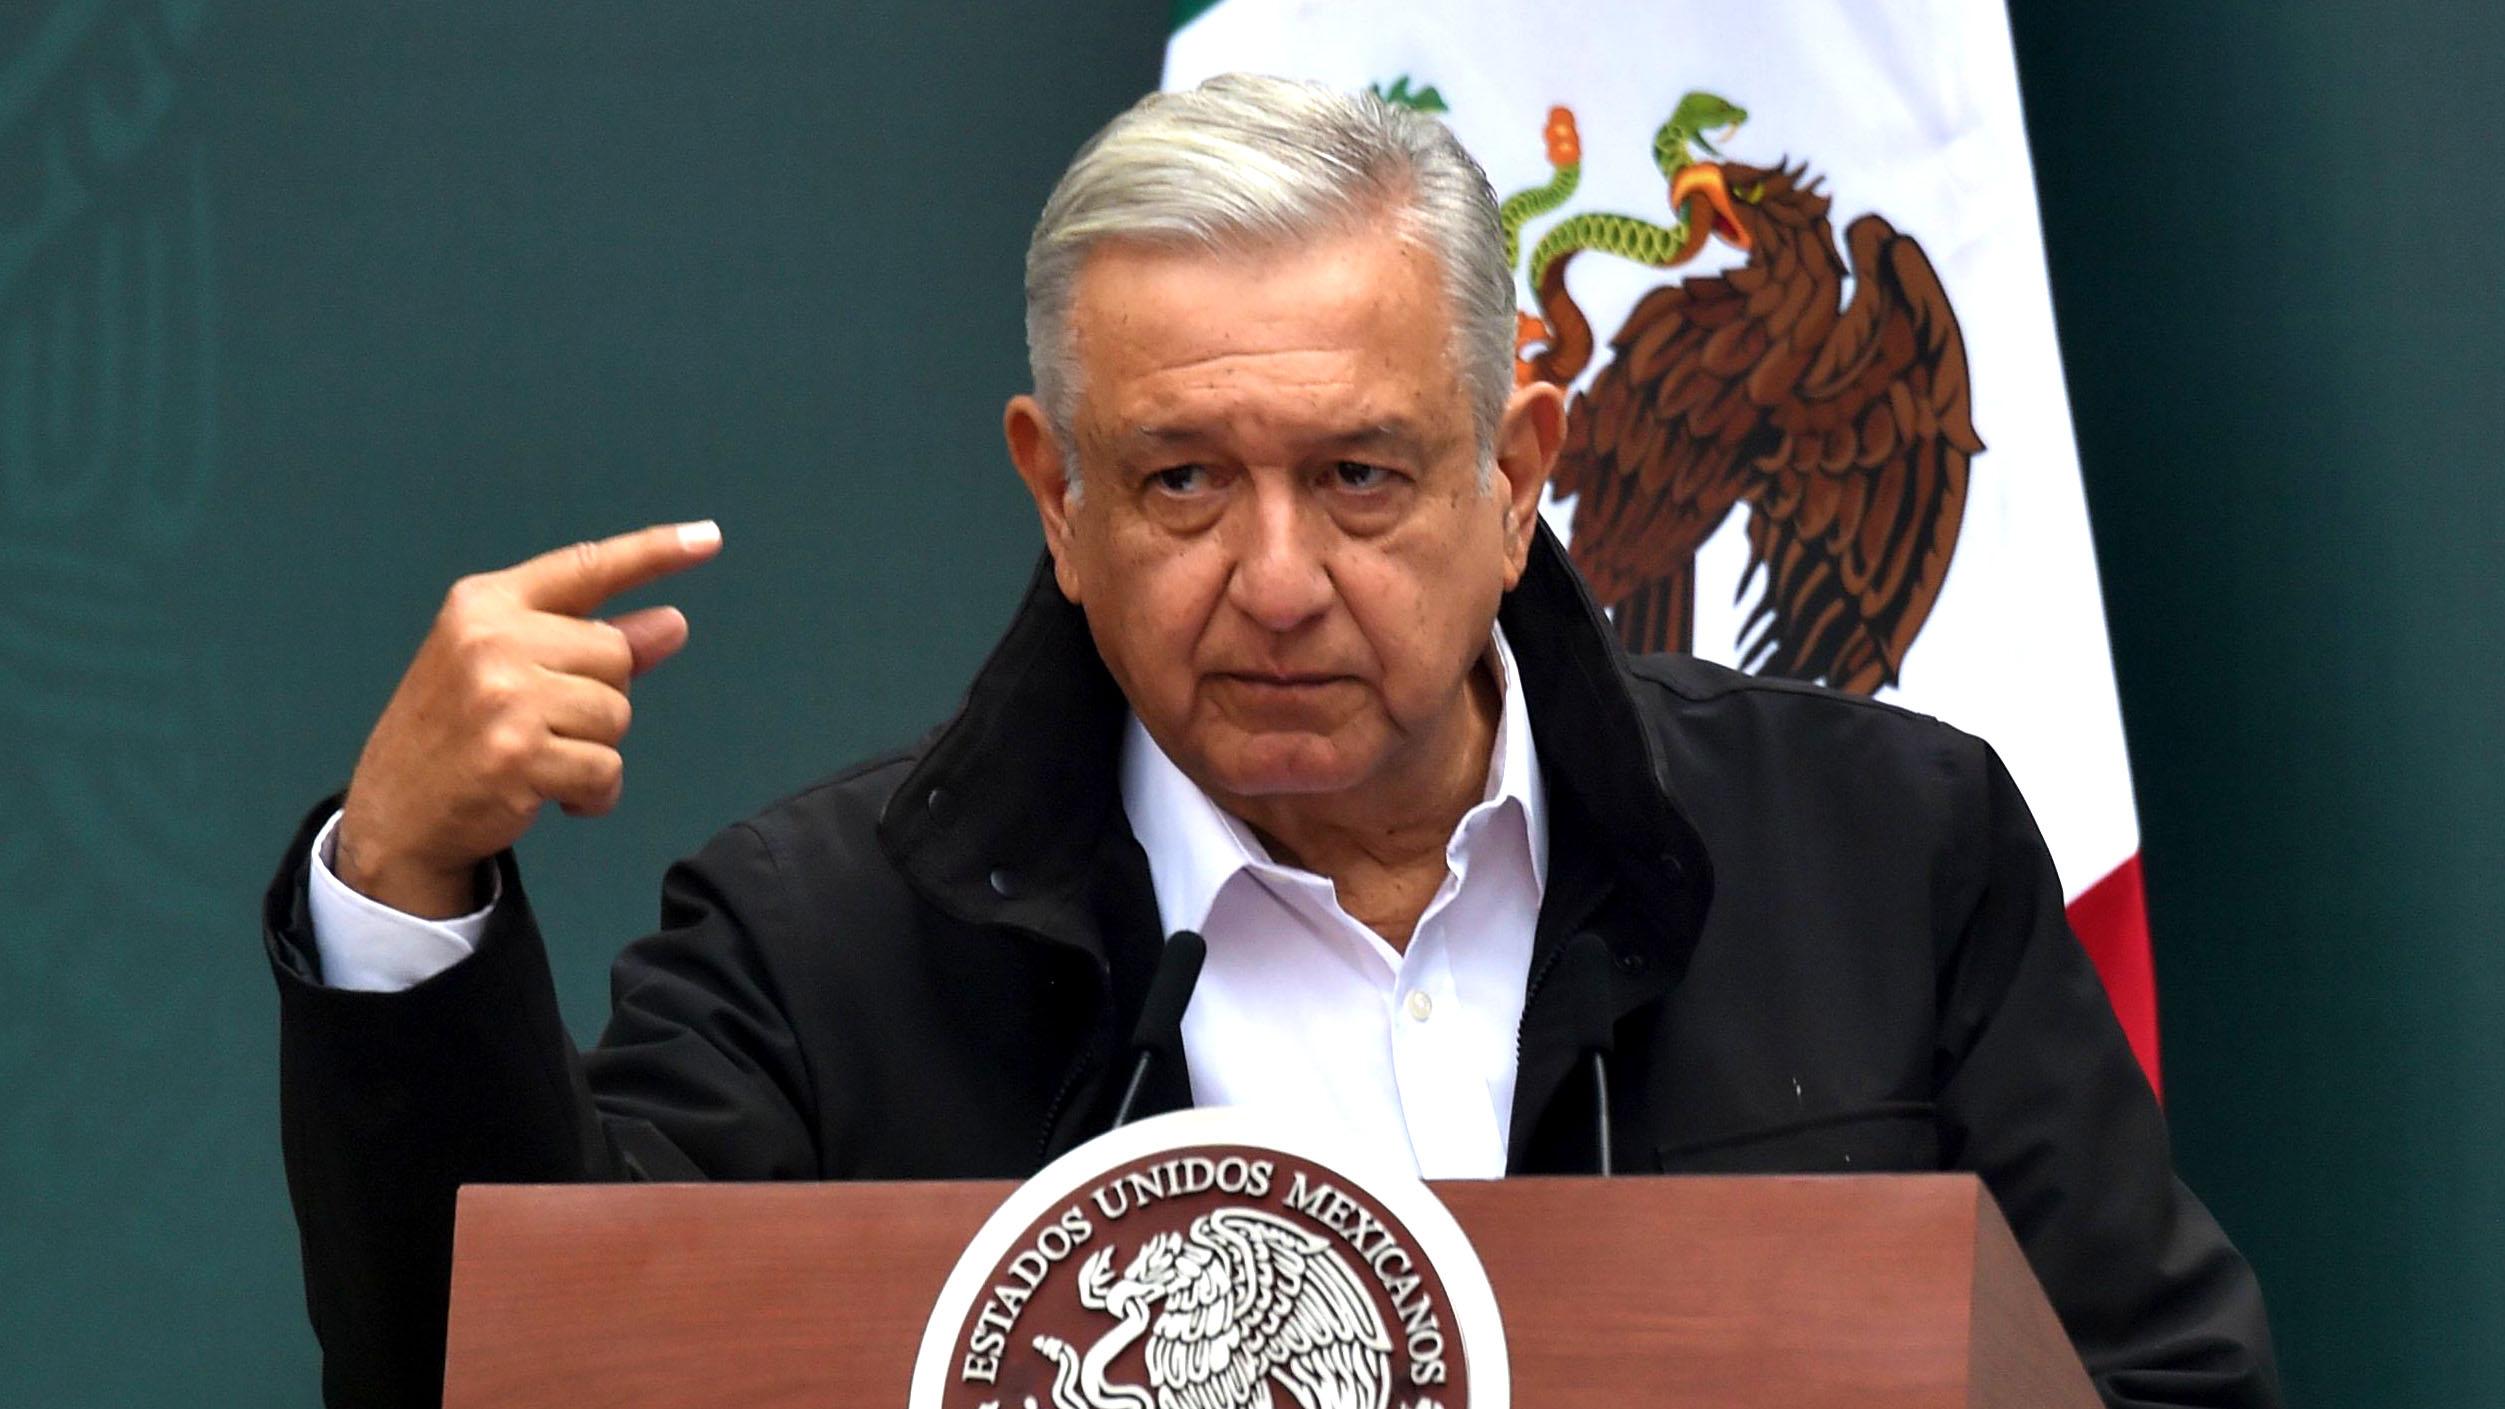 RODRIGO ARANGUA/AFP via Getty Images